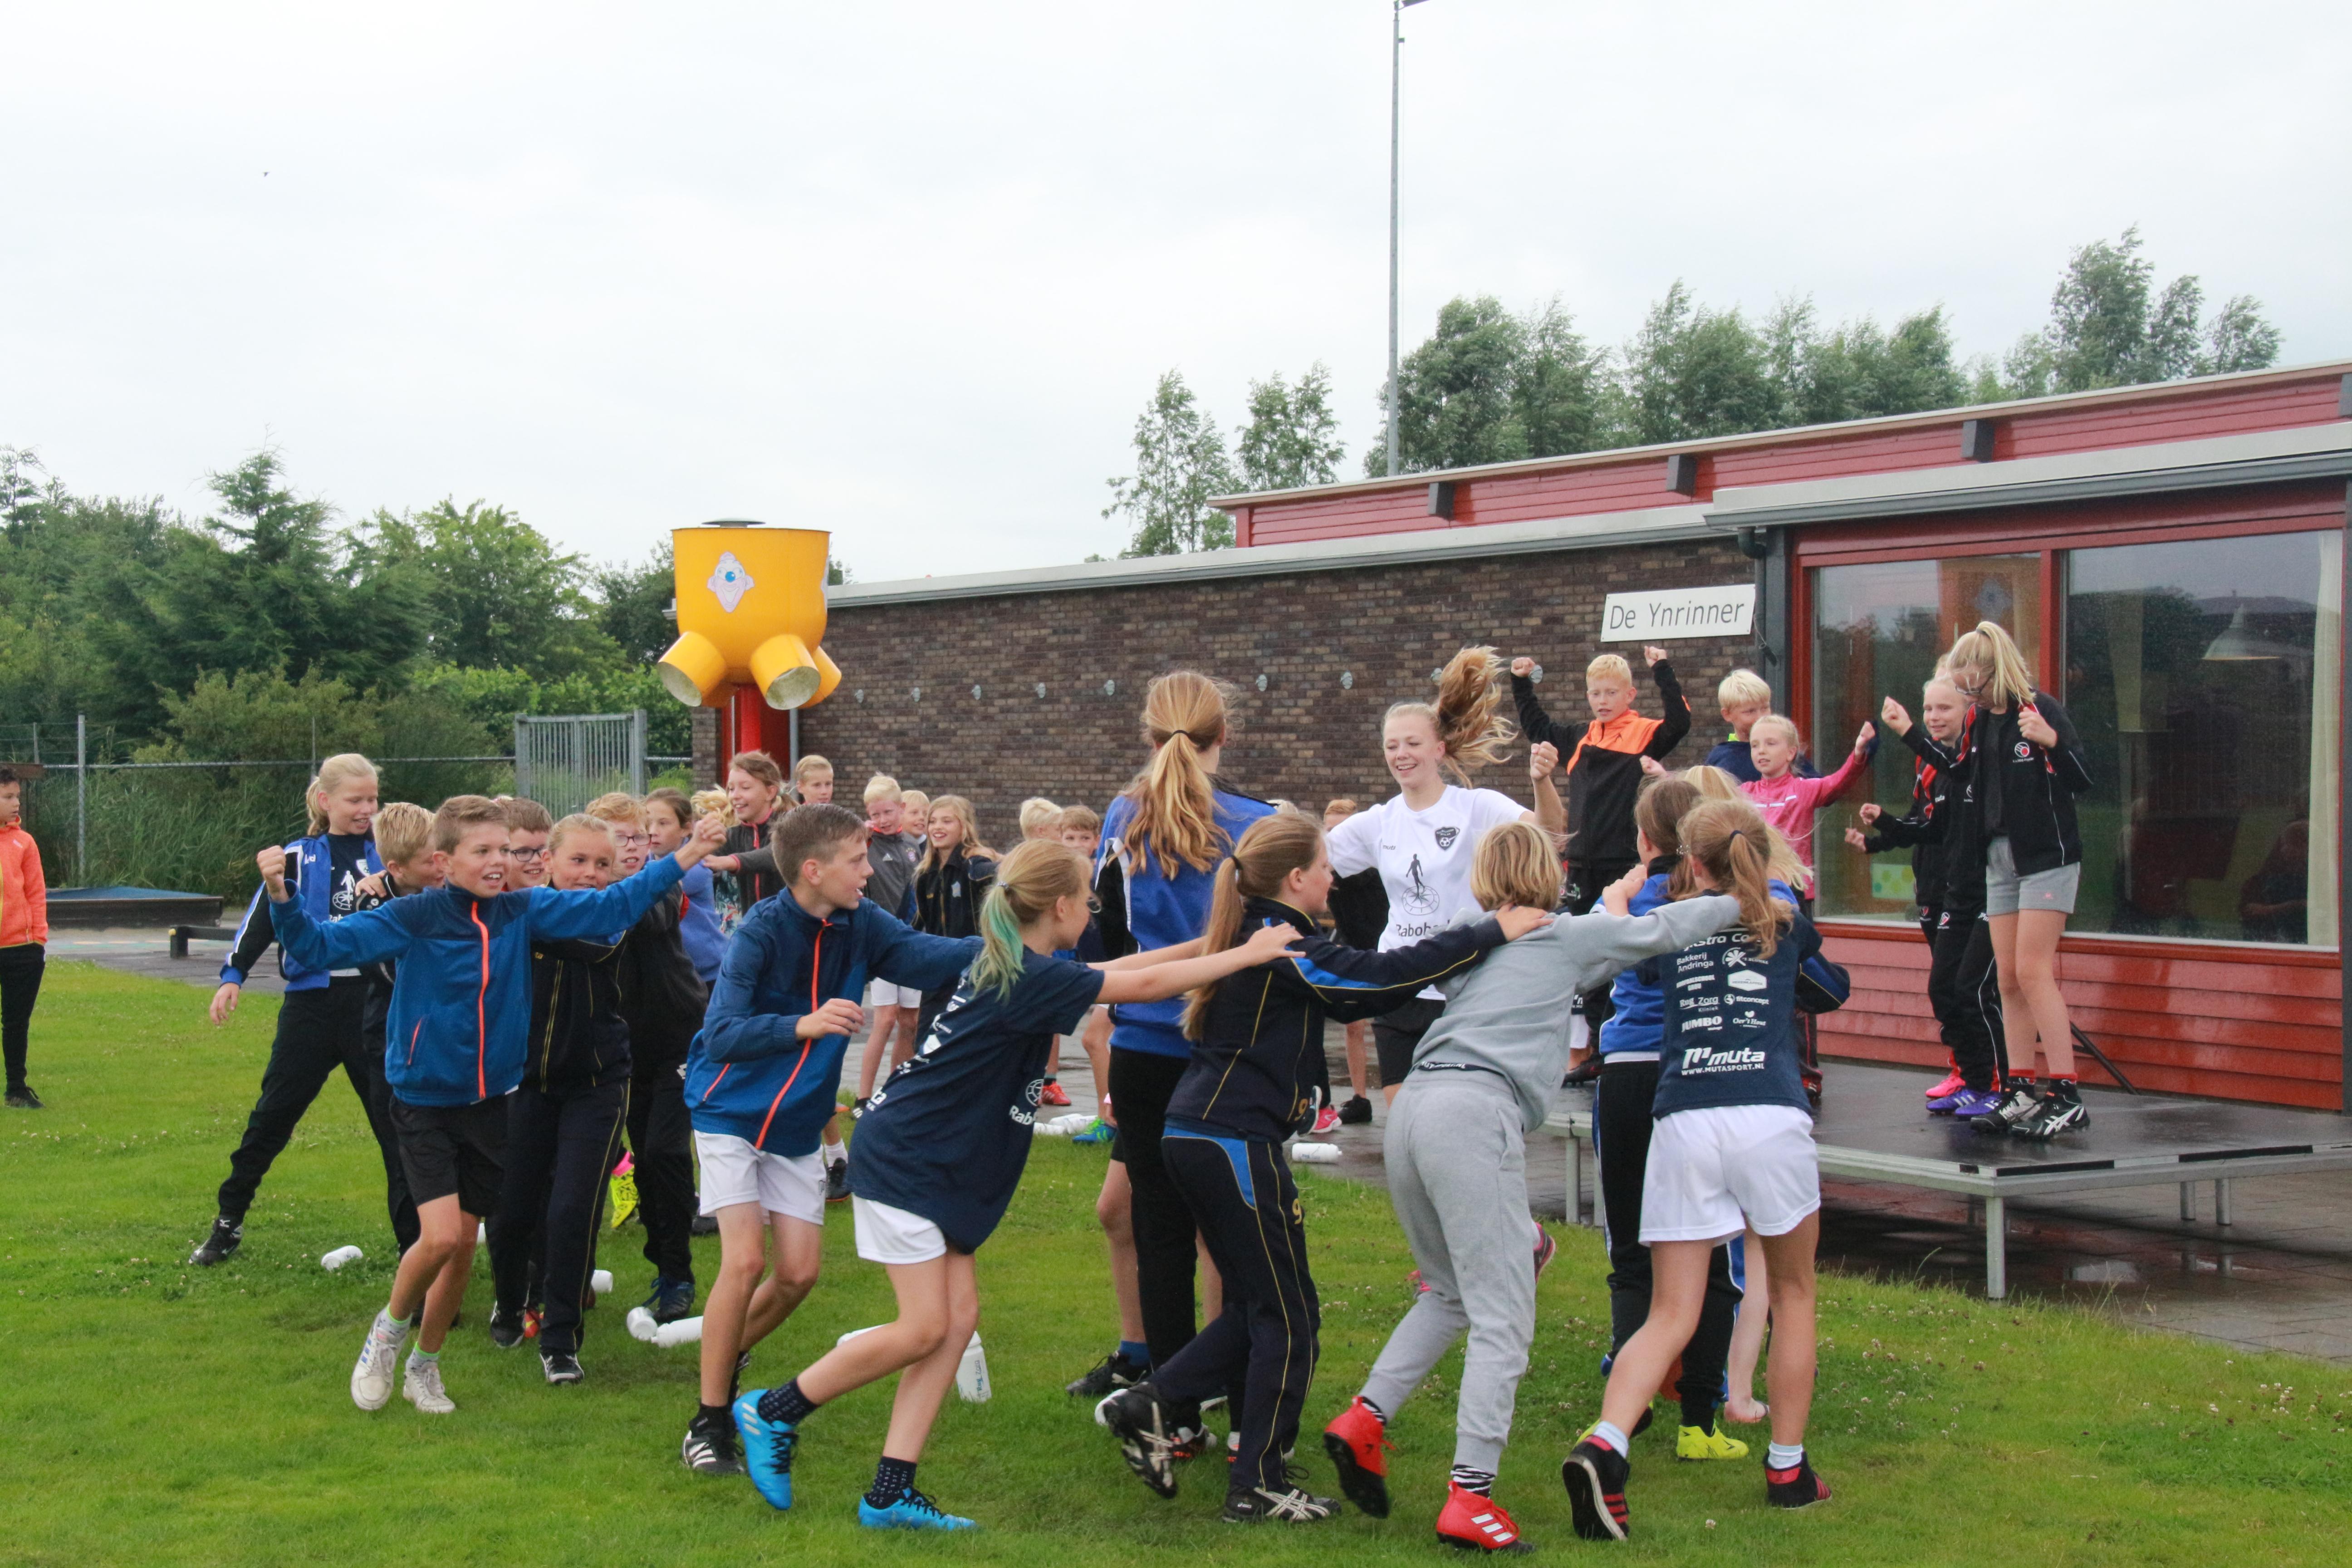 Korfbalkamp Fryslân dag 2